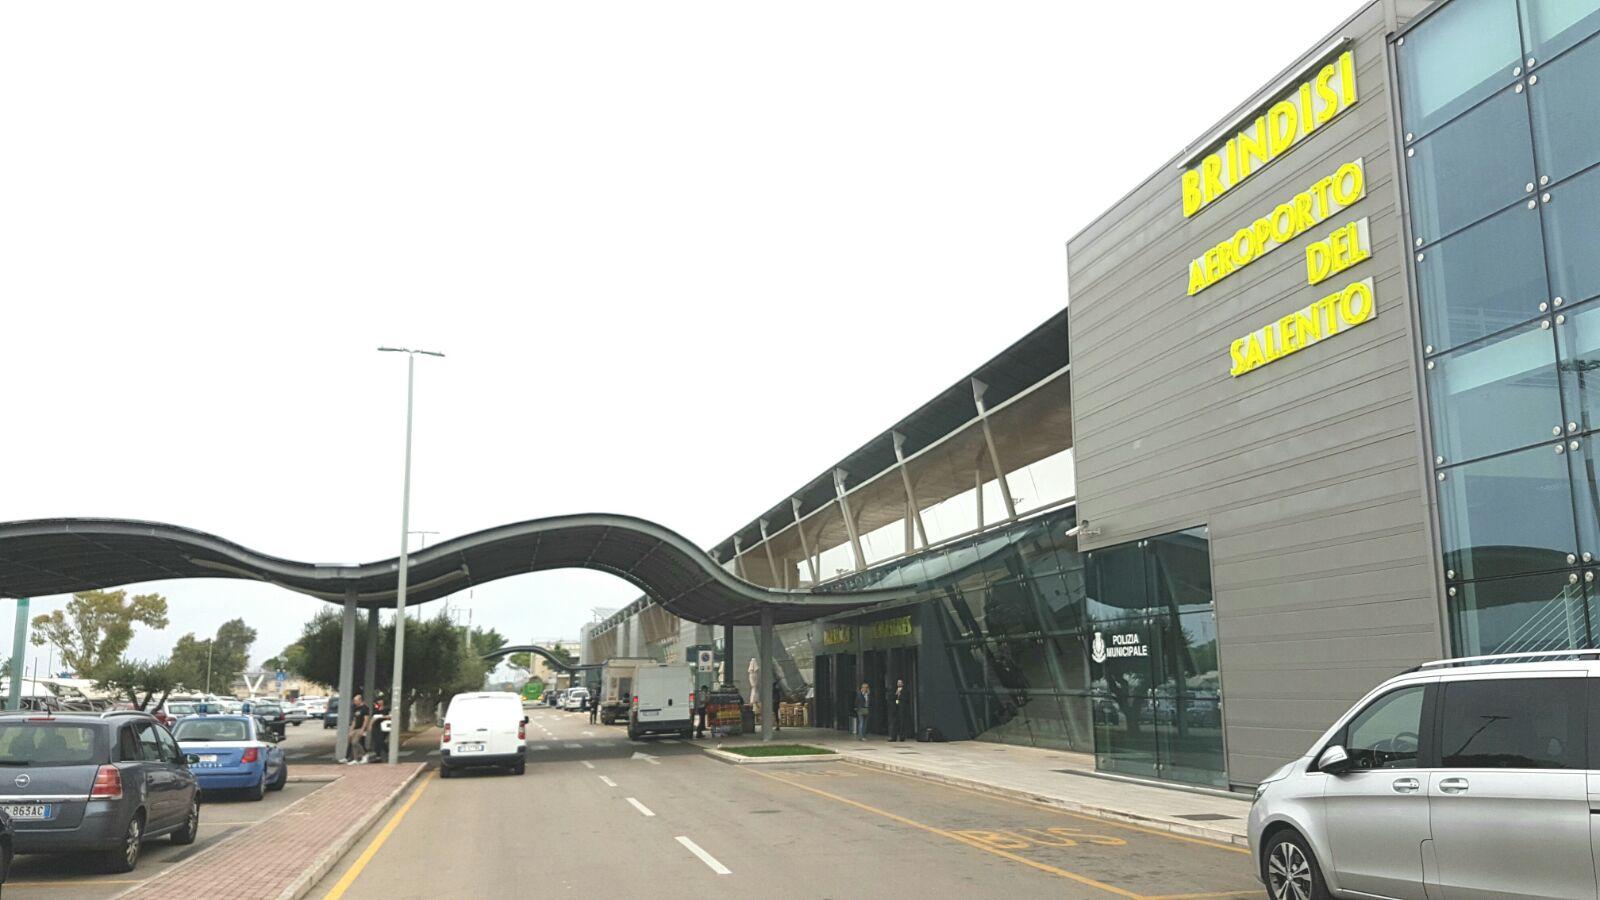 Aeroporto Brindisi : Noleggio auto aeroporto brindisi da u ac al giorno ionoleggioauto